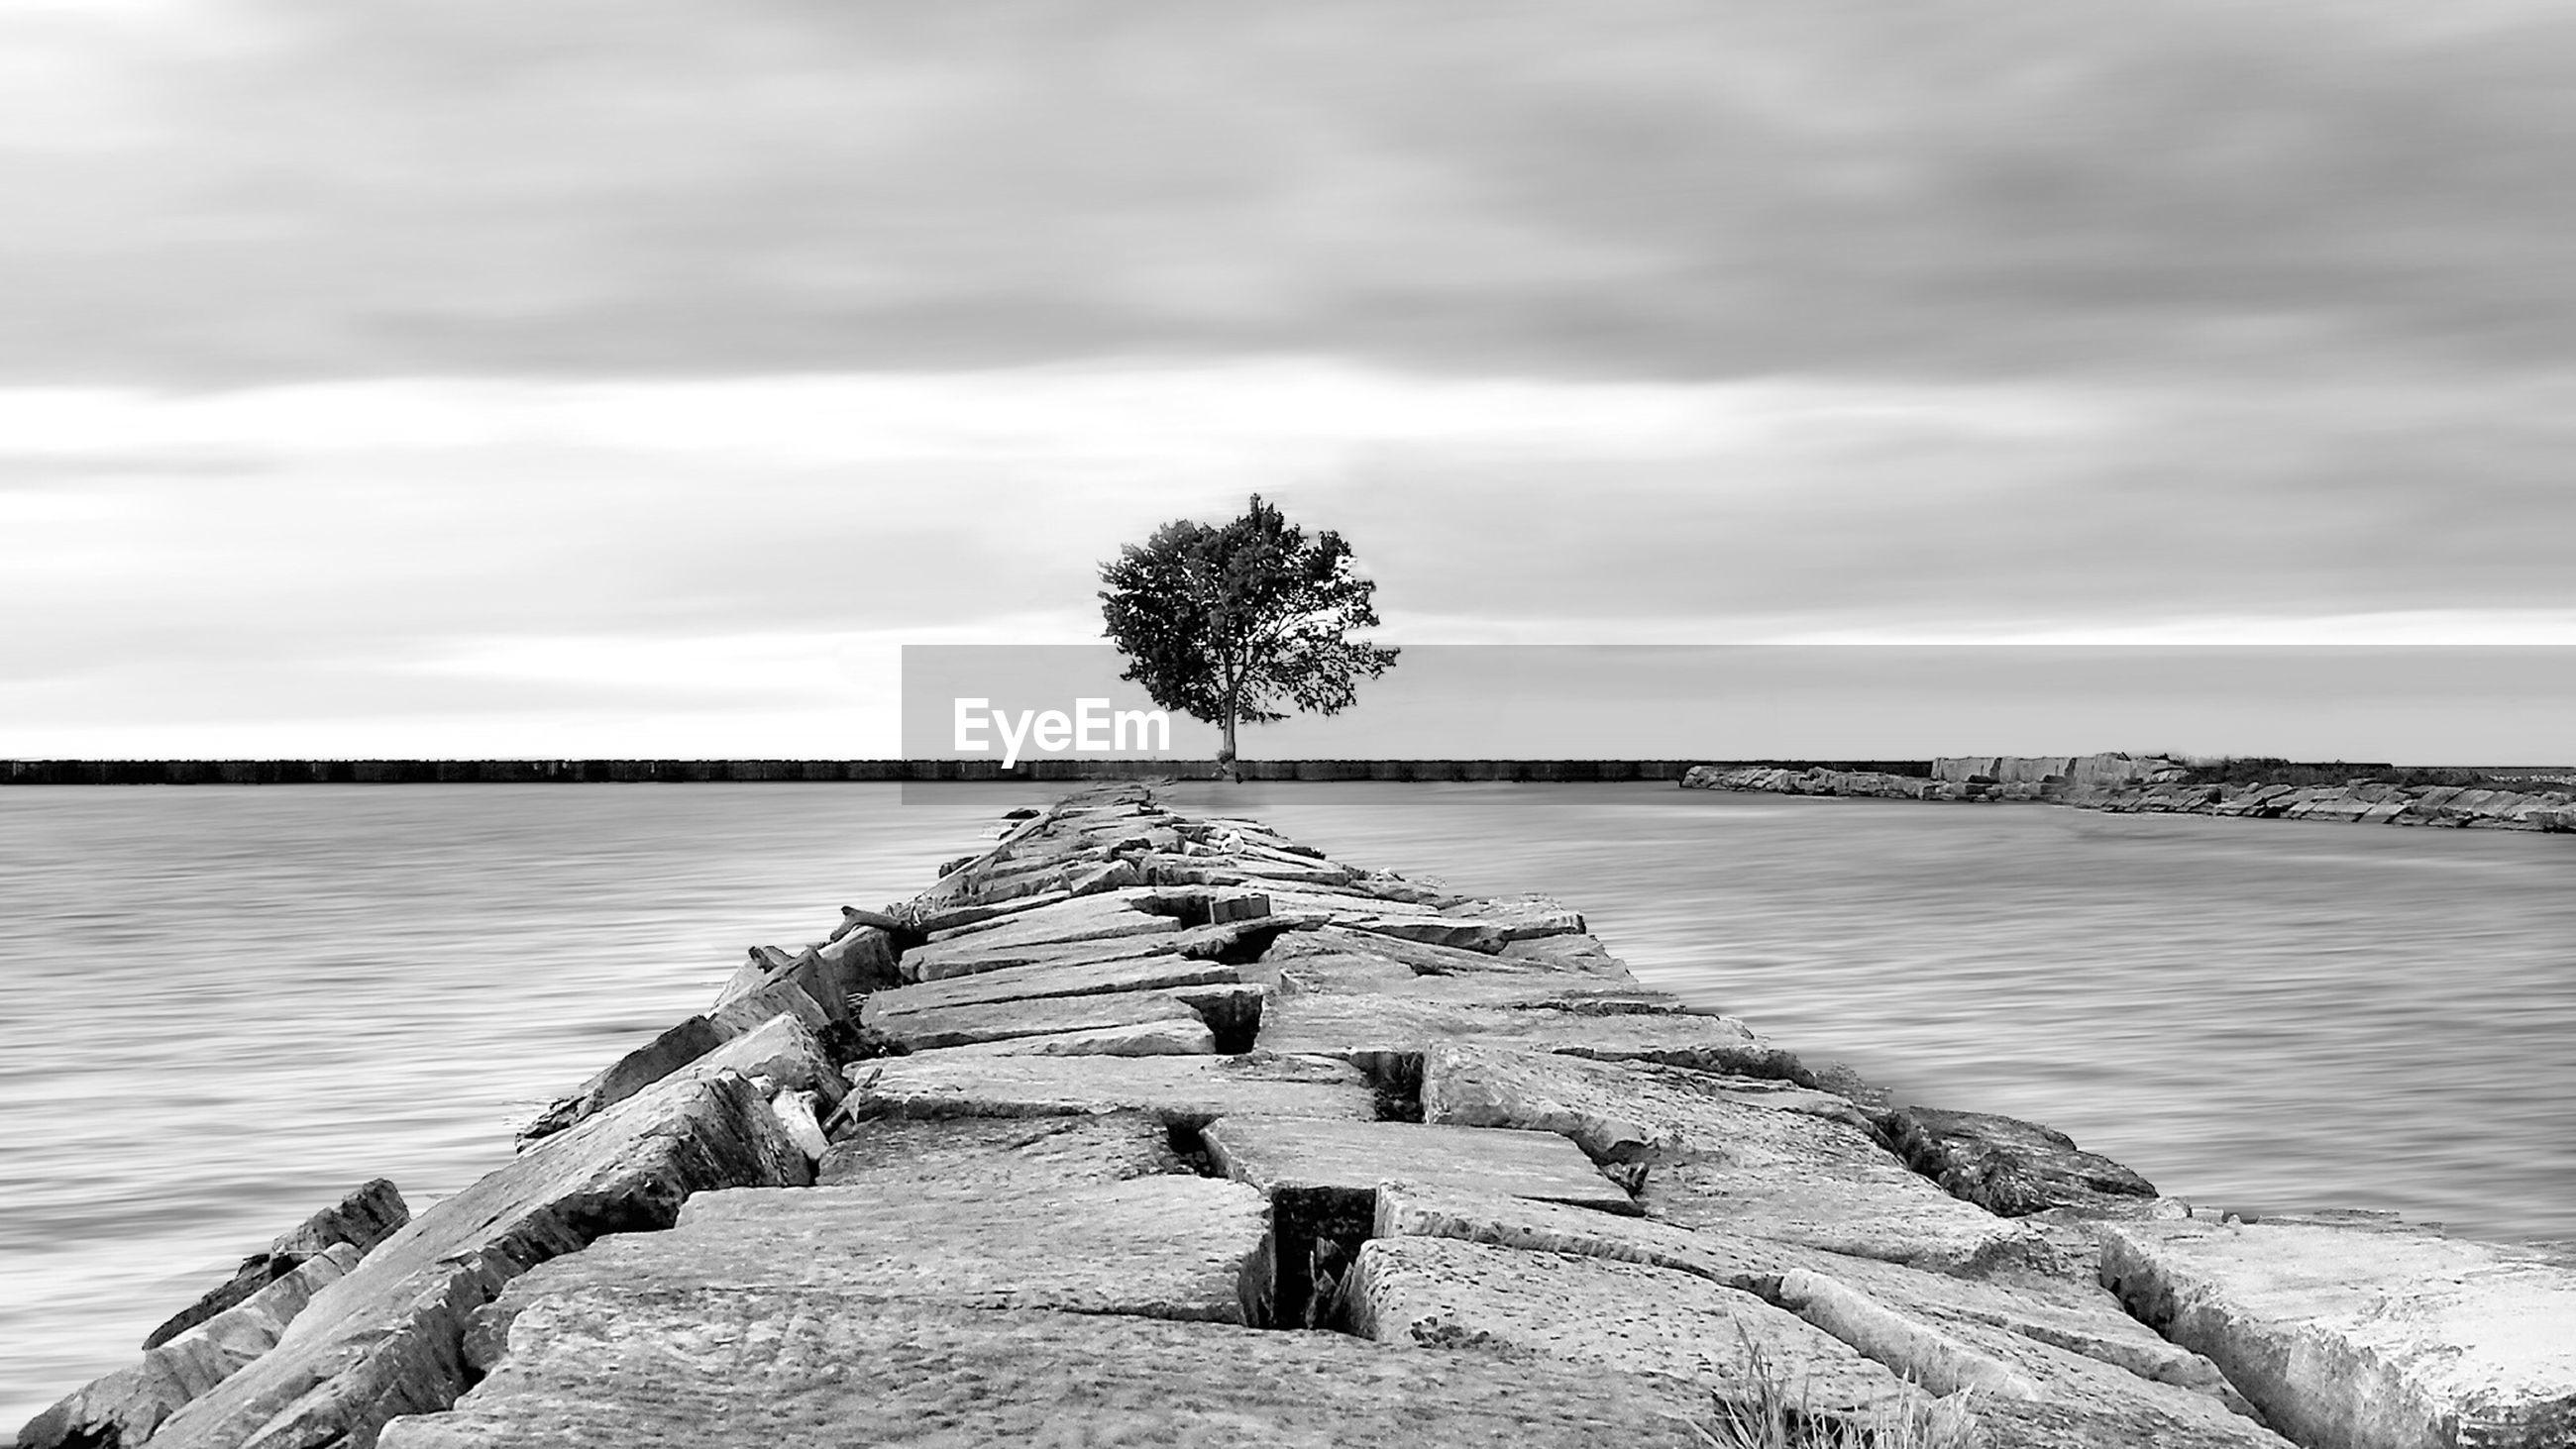 Rock jetty on shore